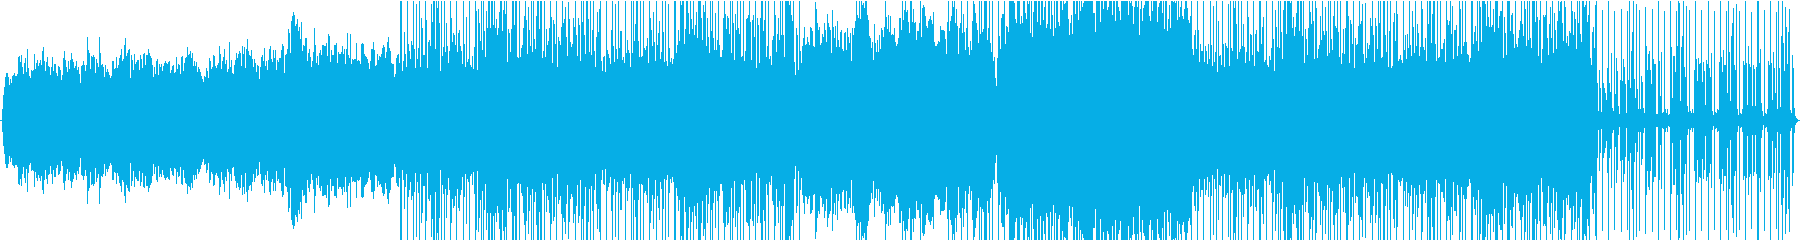 柔らかな弦、ピアノ、クリーンなエレ...の再生済みの波形